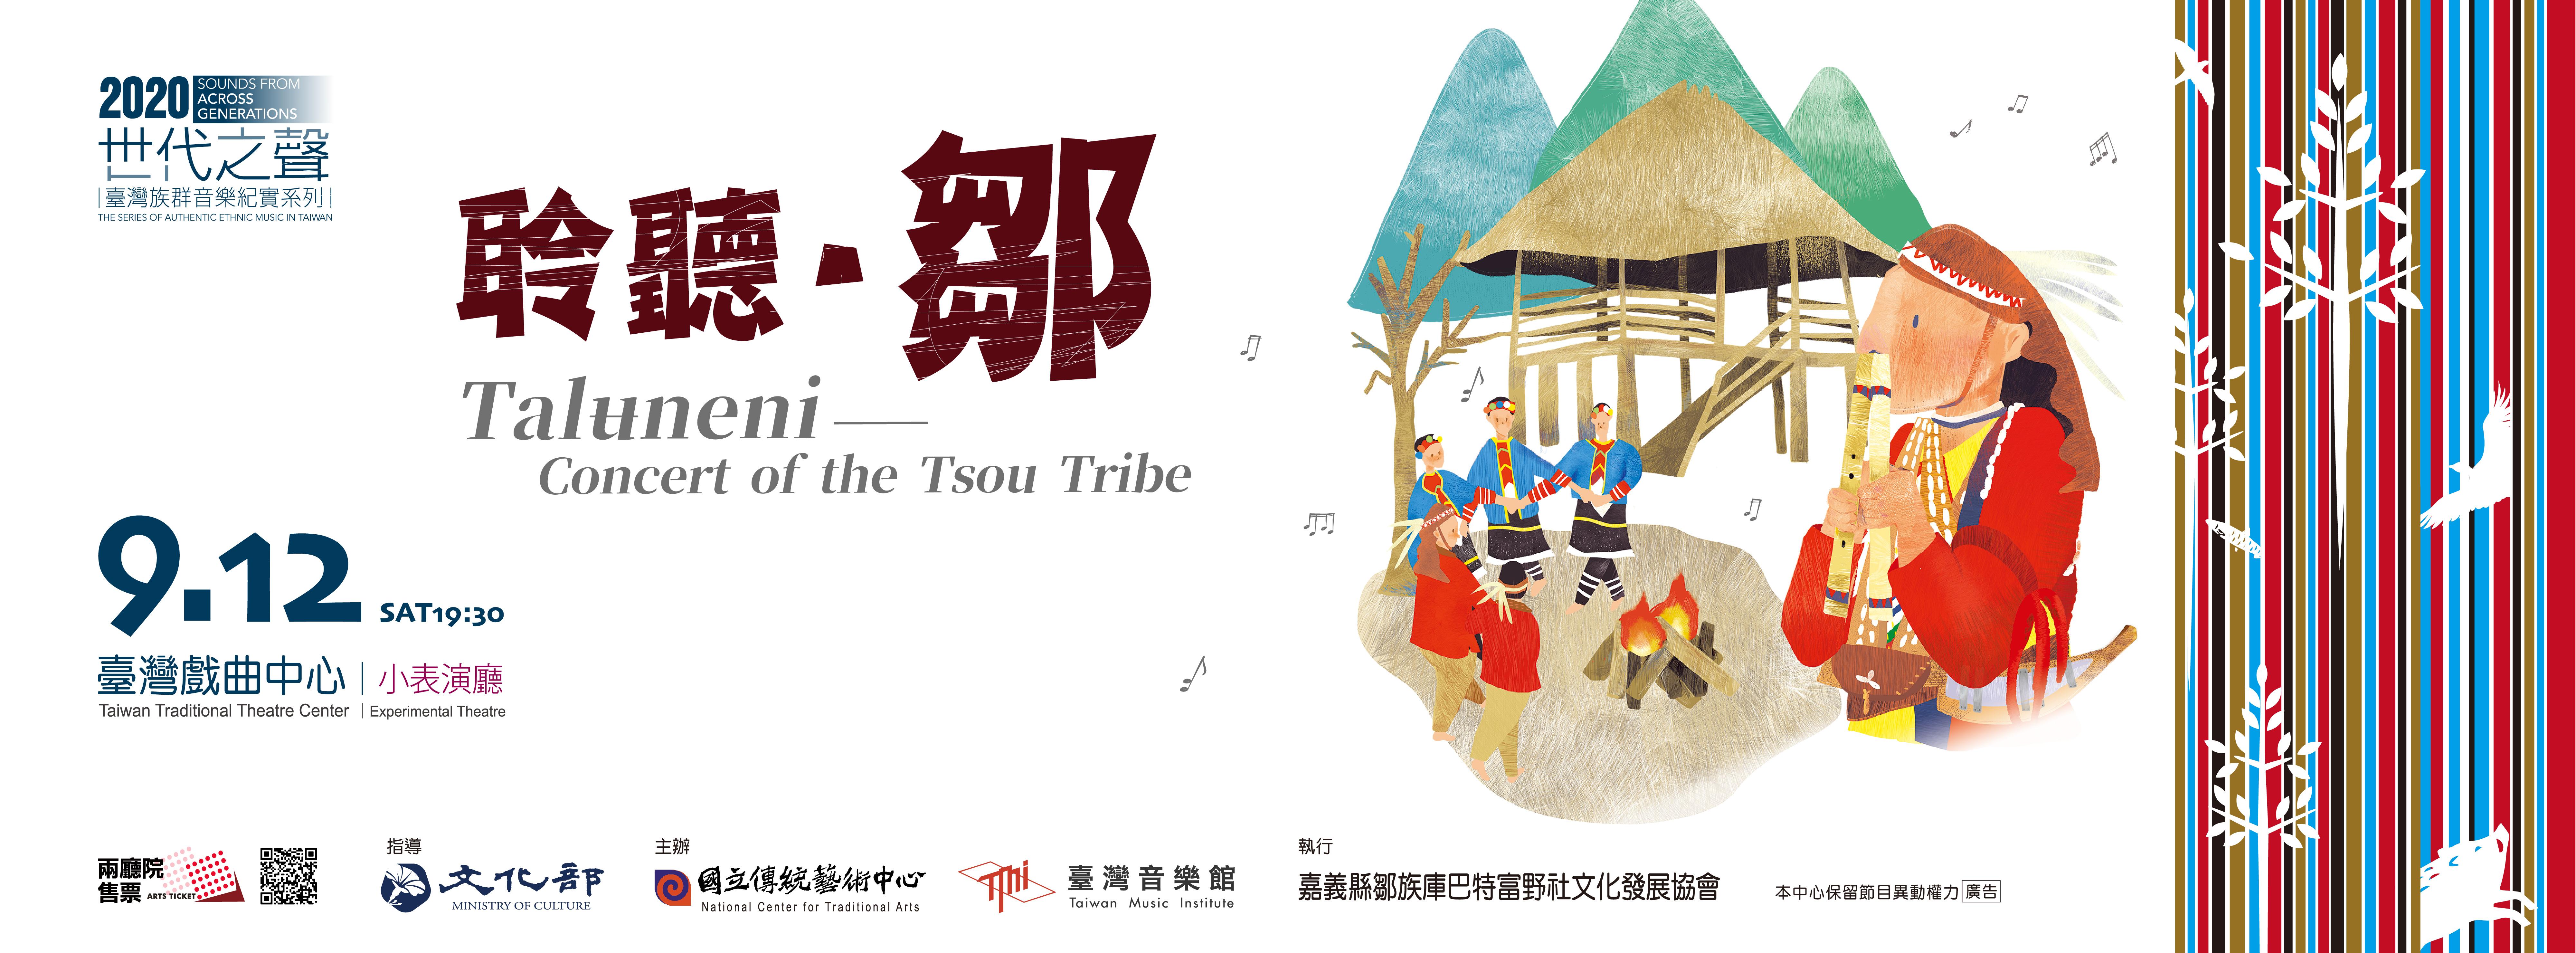 《聆聽‧鄒》「2020世代之聲-臺灣族群音樂紀實系列「另開新視窗」